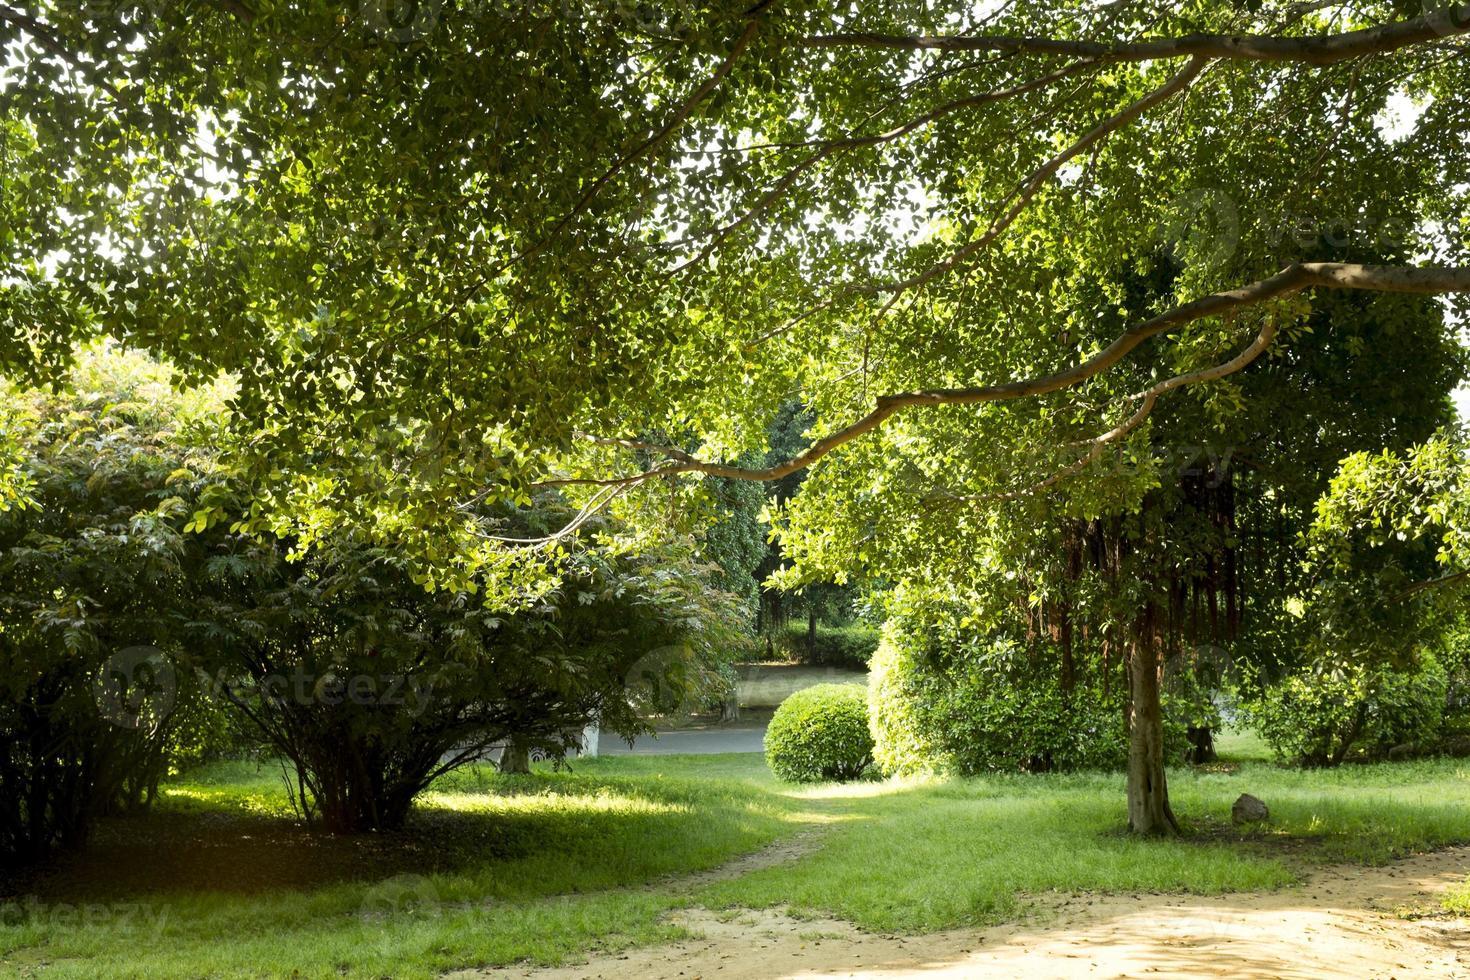 jardín con césped recién cortado foto